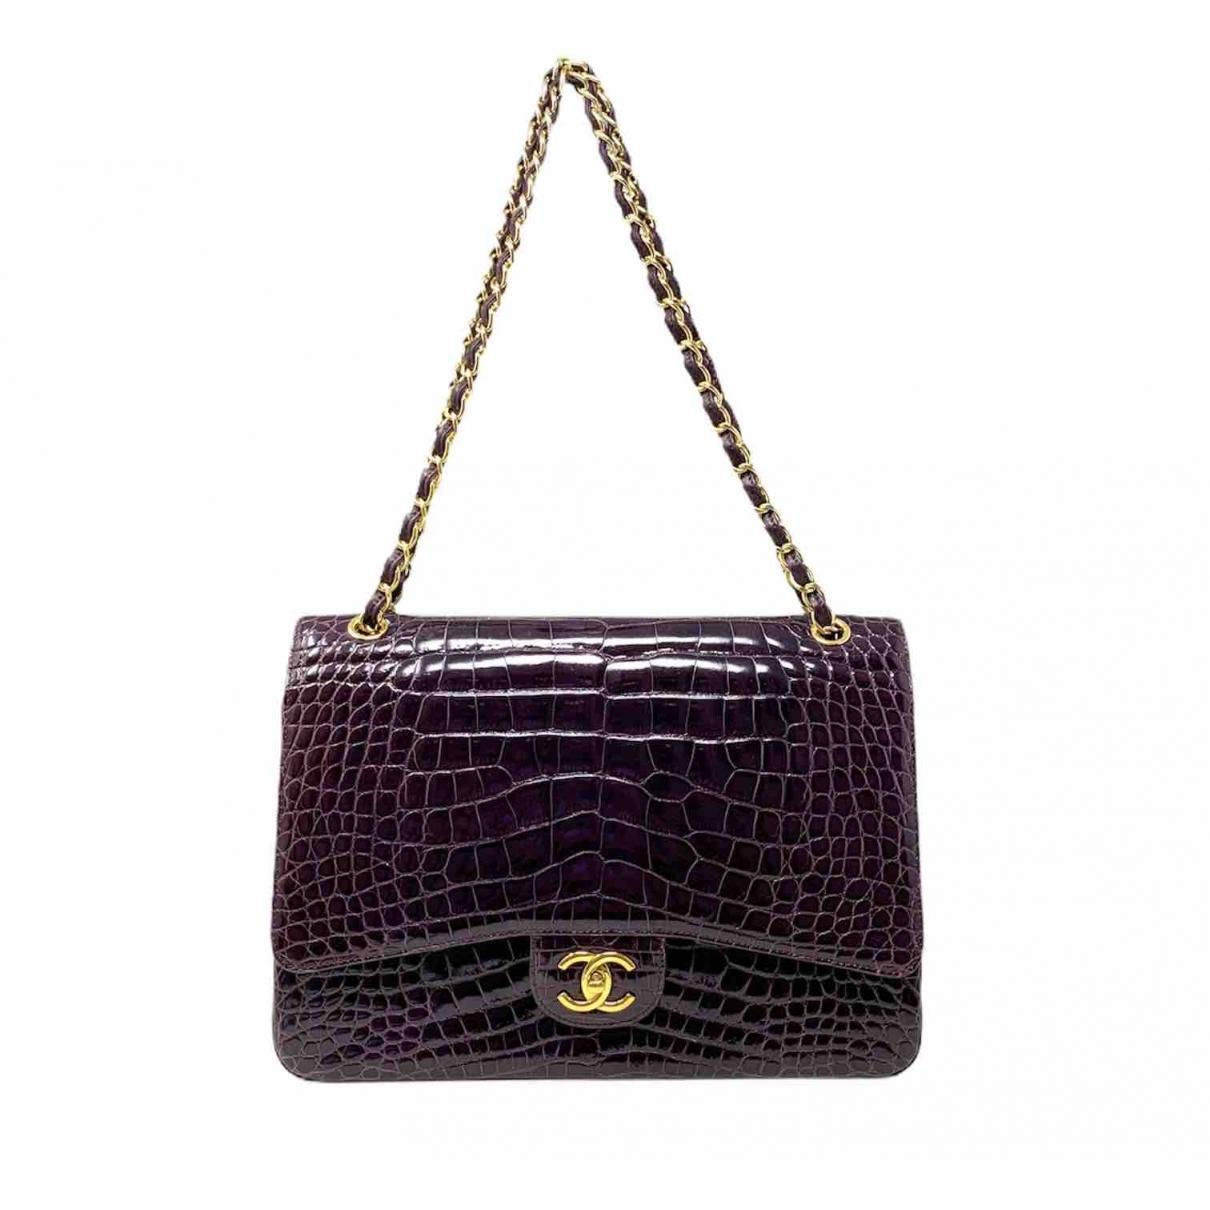 Chanel Timeless/Classique Handtasche in  Lila Krokodil